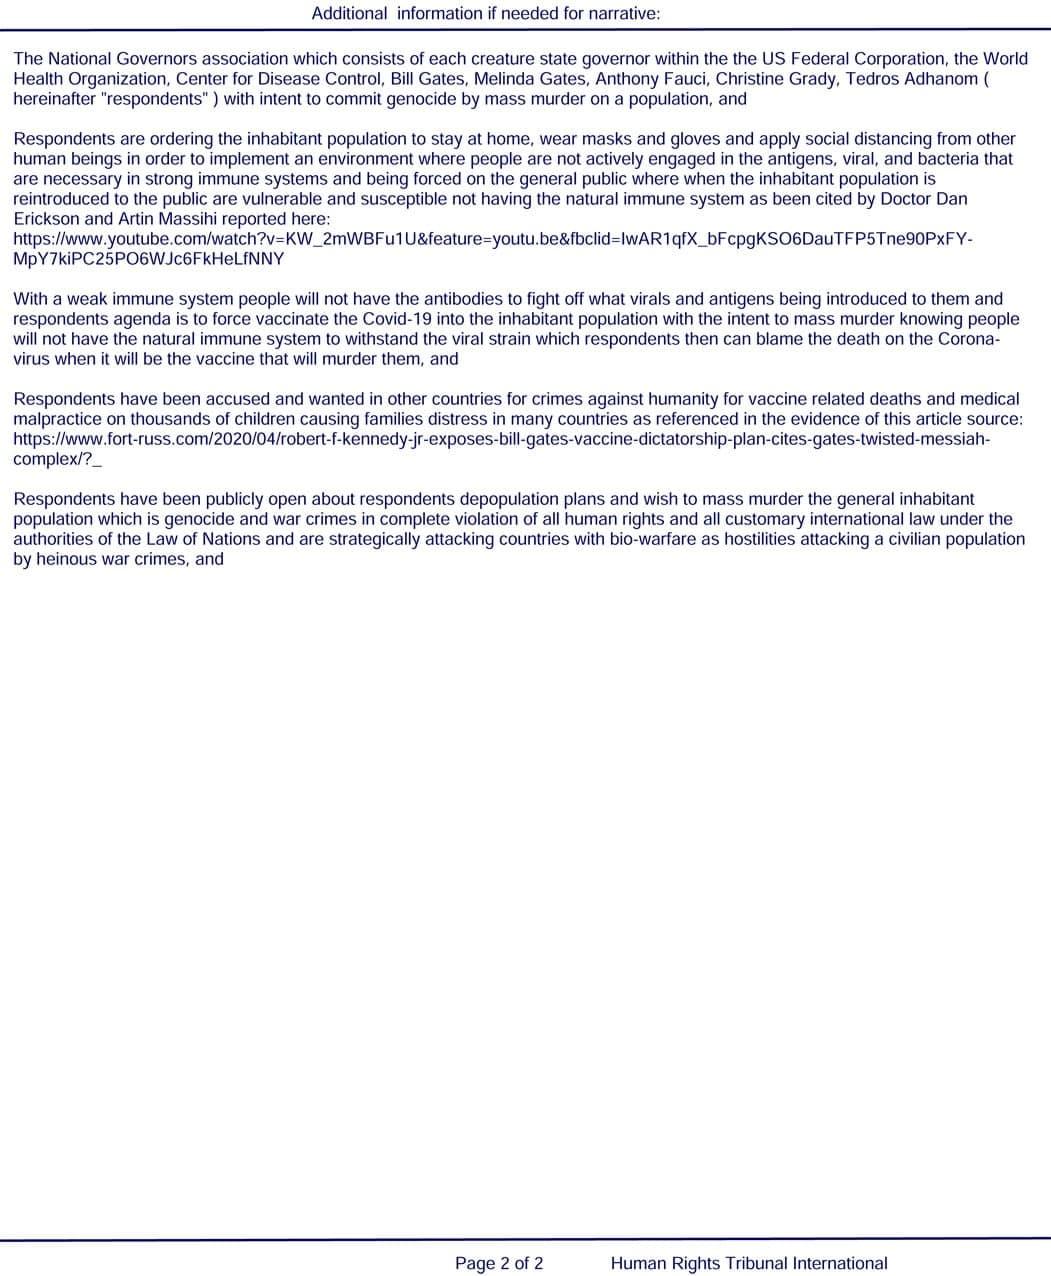 COUR DES DROITS DE L HOMME CONDAMNES 8 _2021-02-16_17-24-15.jpg